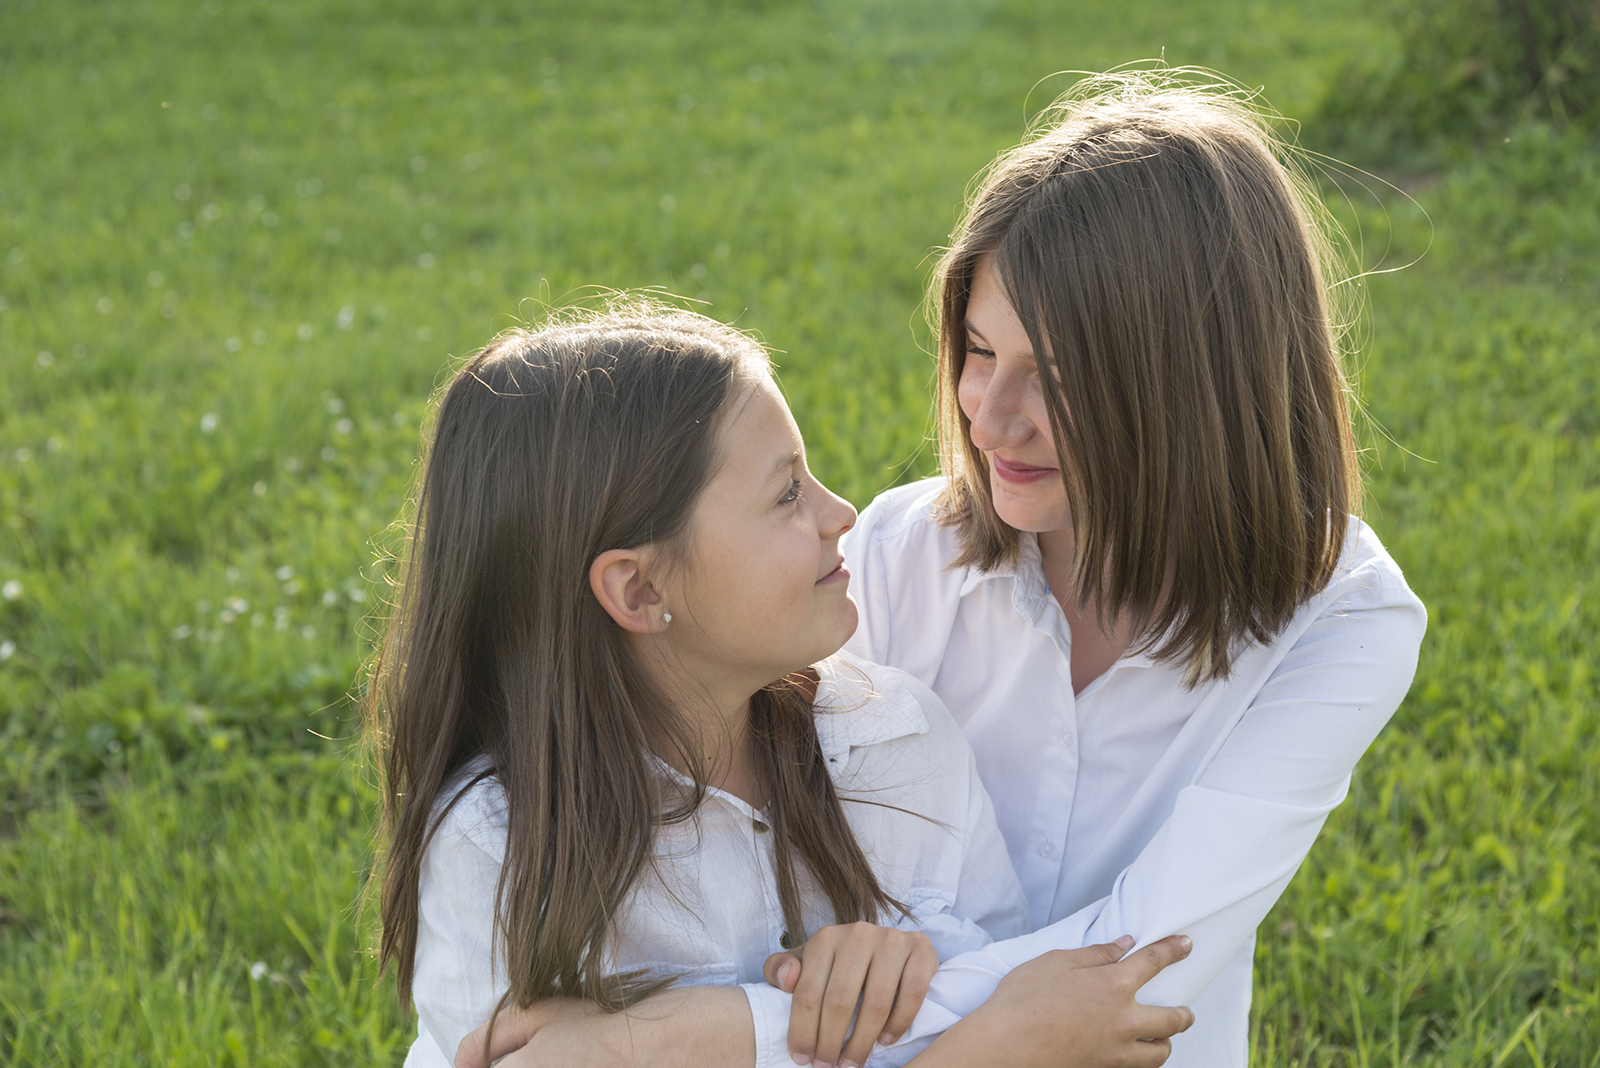 deux soeurs dans l'herbe